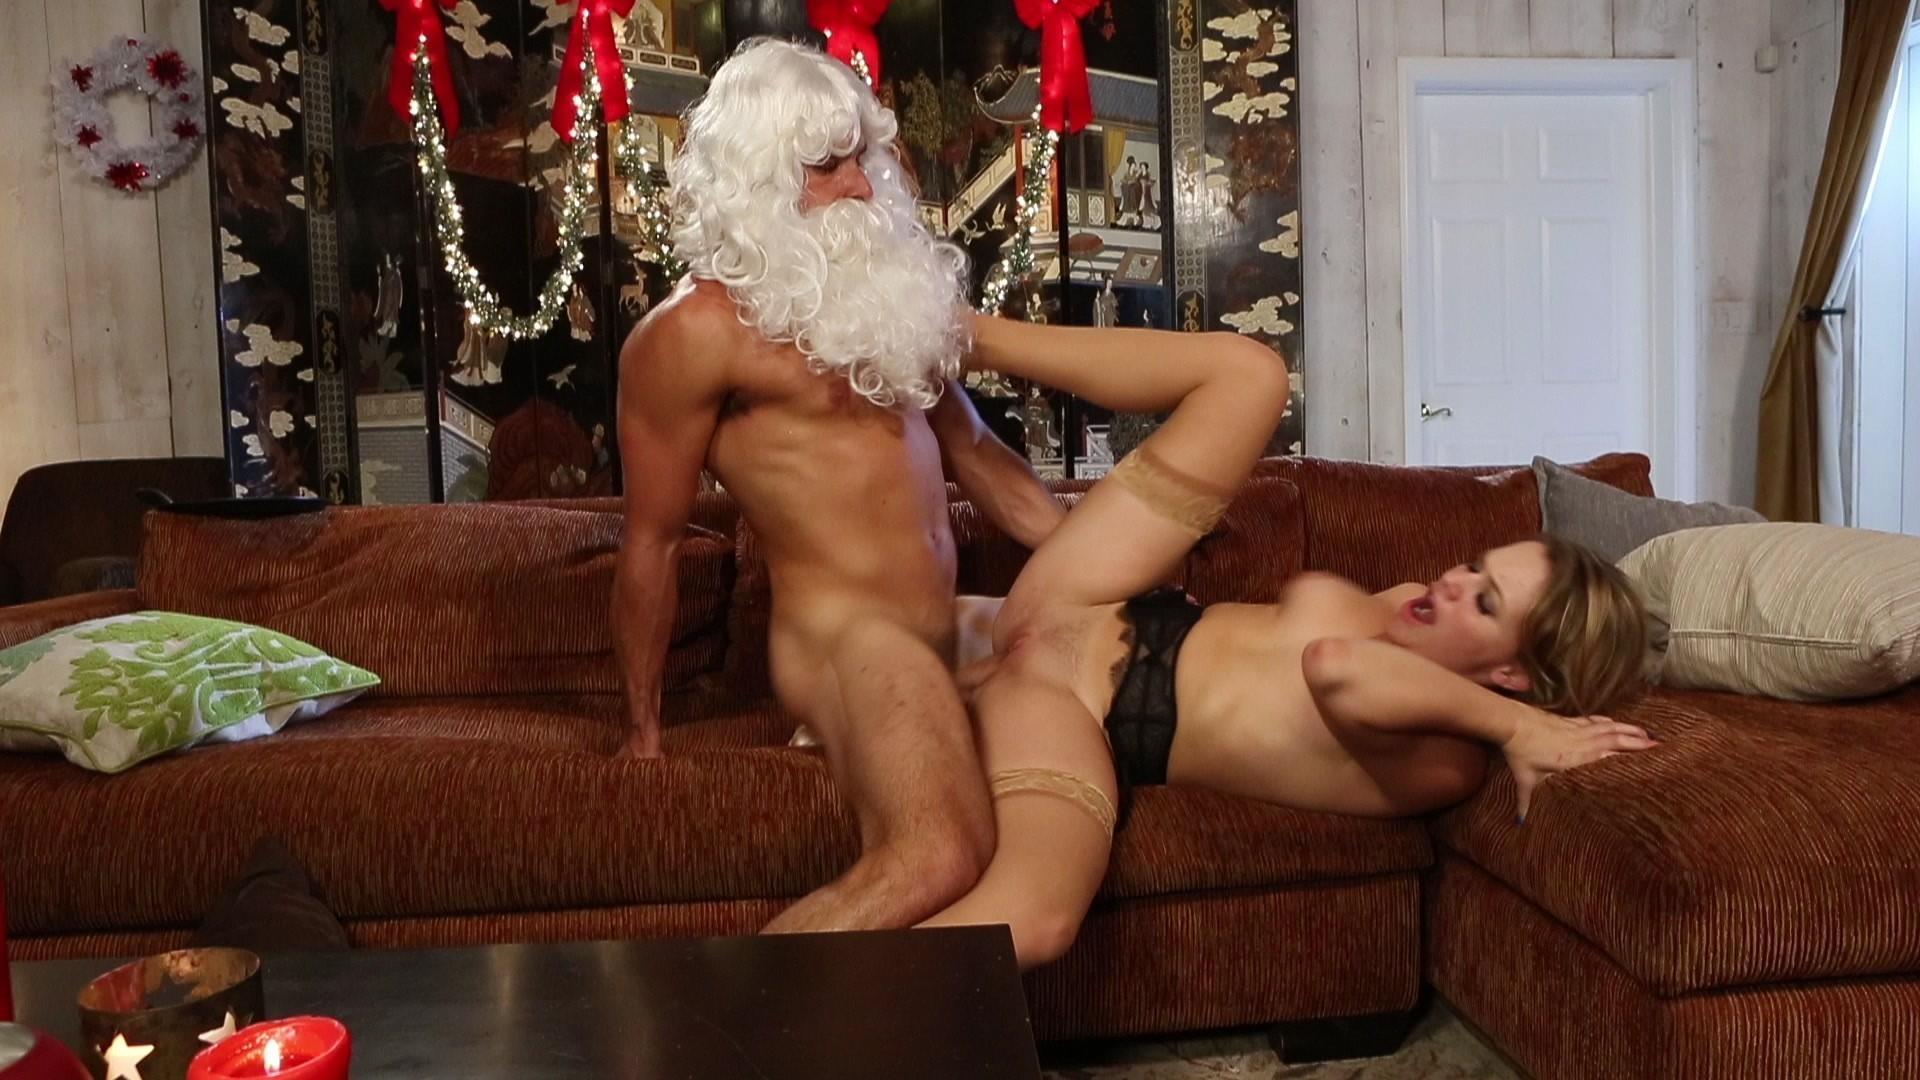 Похотливый санта порно игра, Рождественская флеш игра: Тифу трахает Санта Клаус 10 фотография